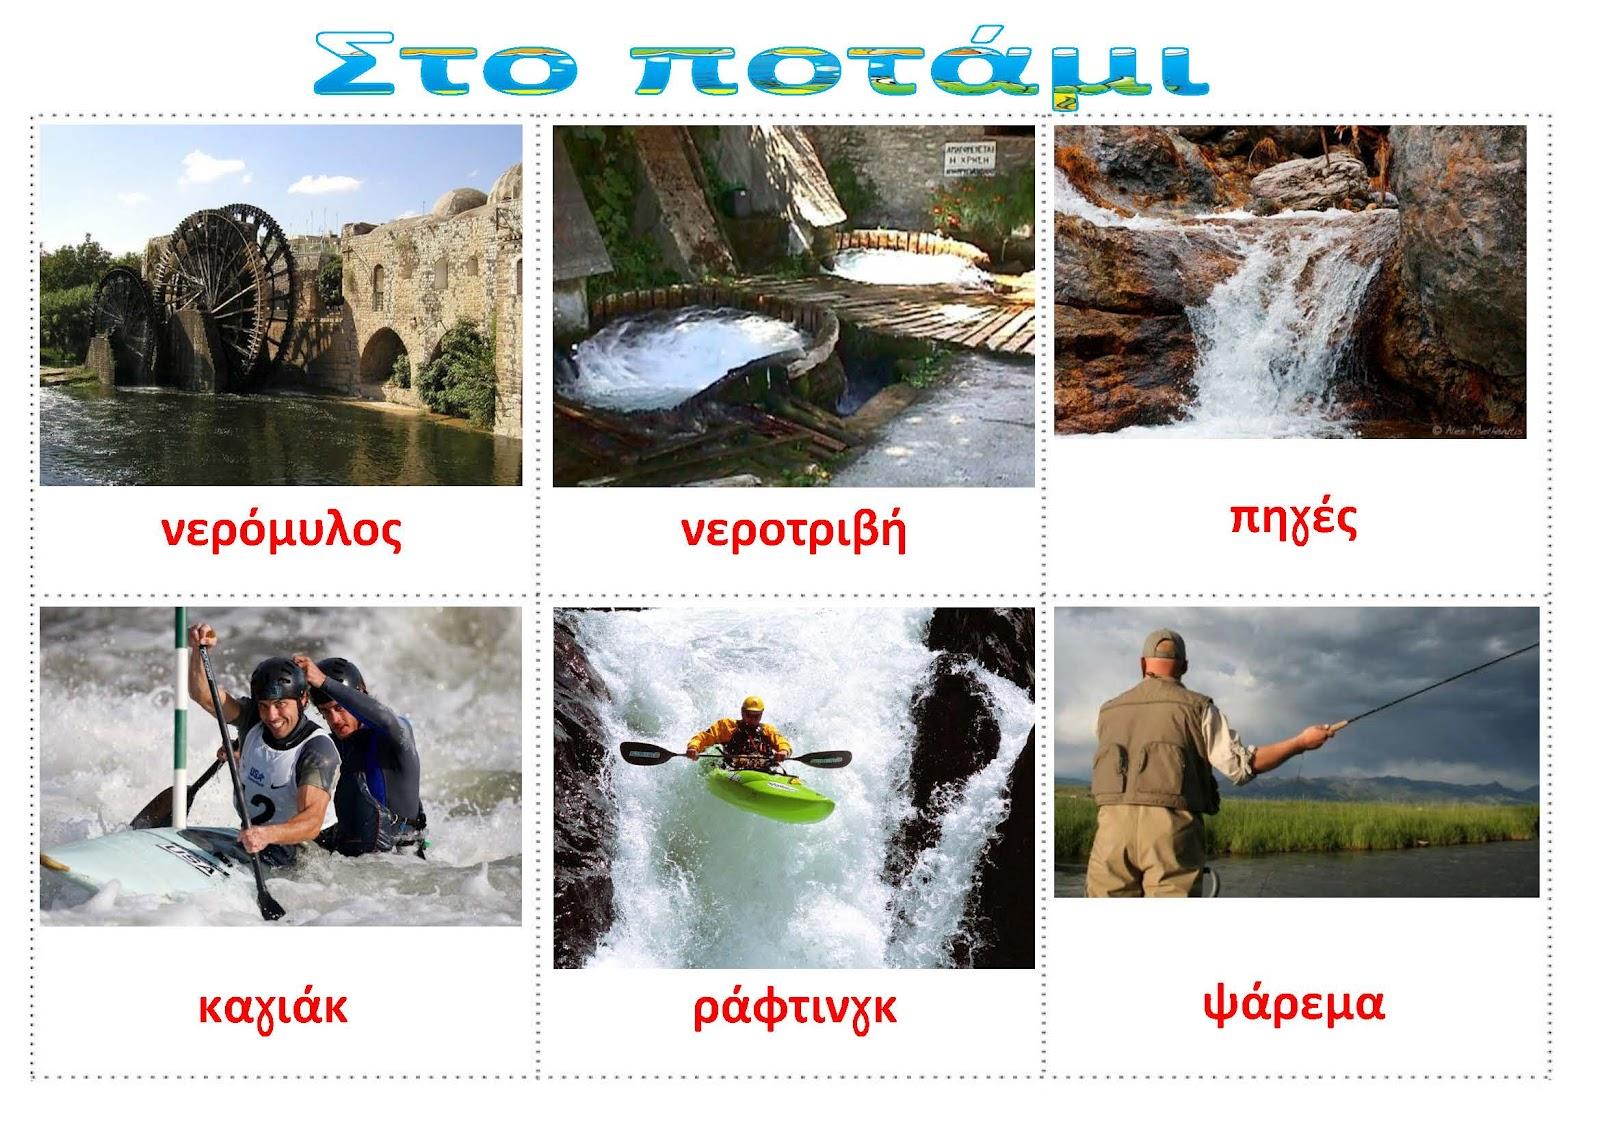 Πίνακες αναφοράς για το ποτάμι